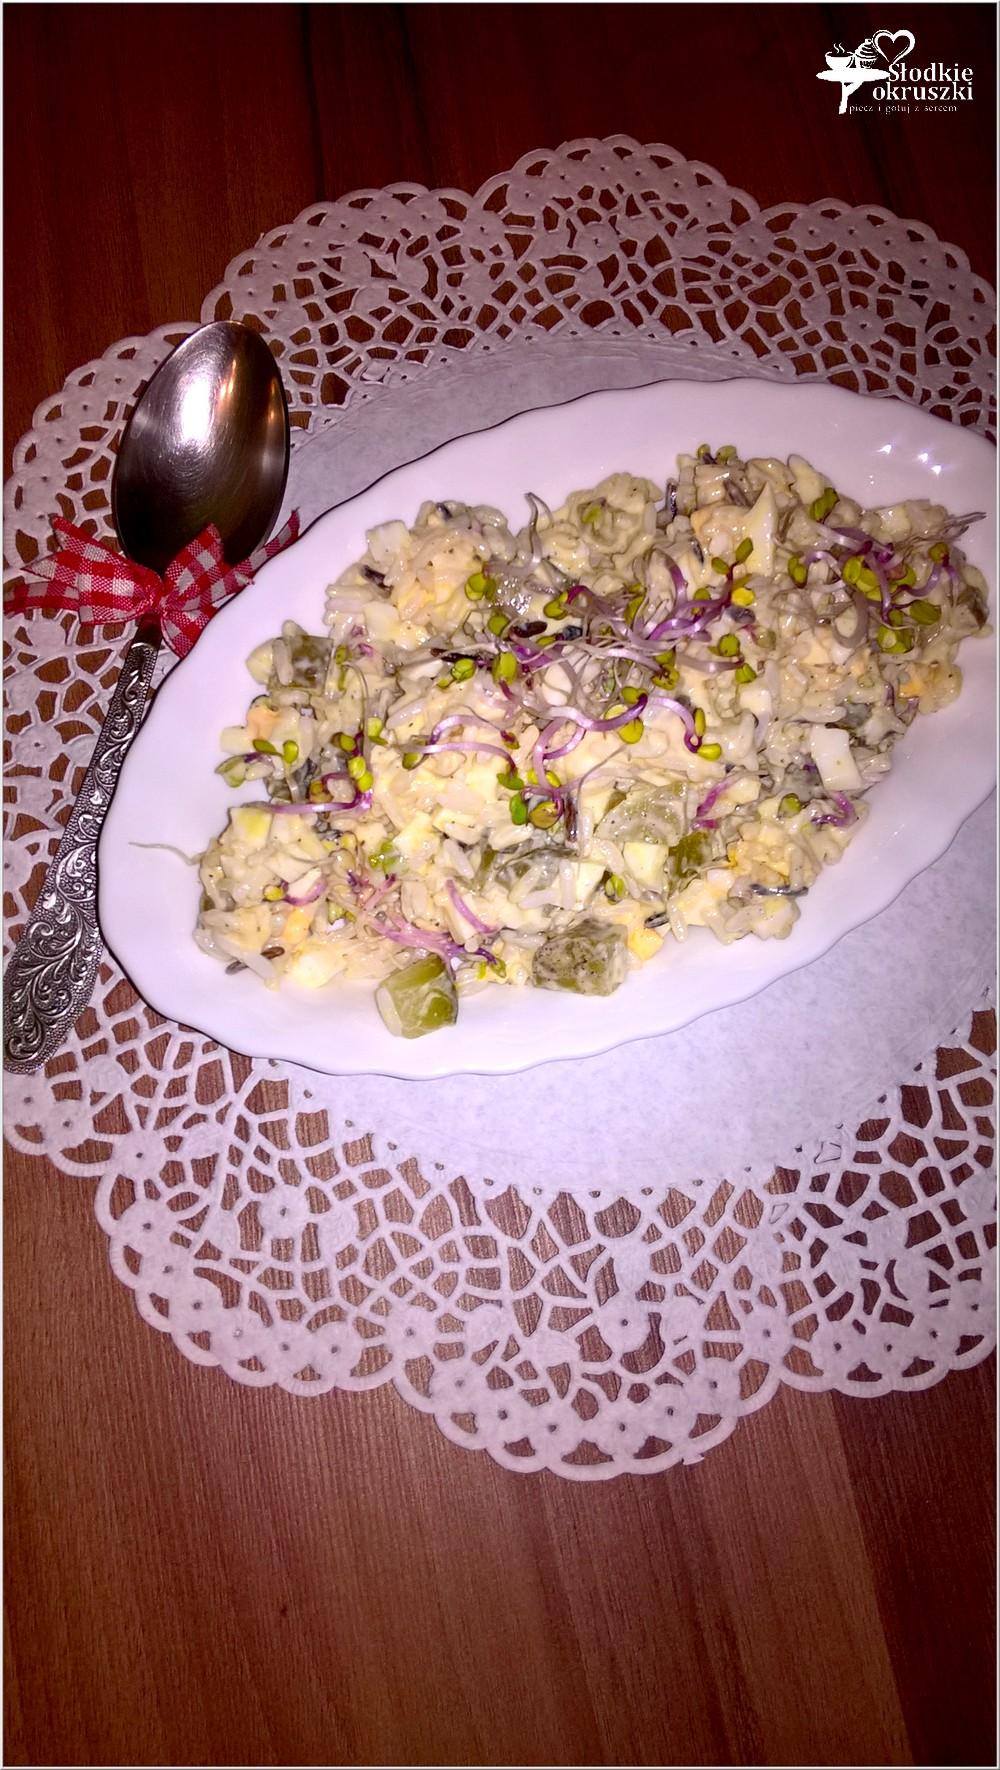 Lekka sałatka ryżowa z kiełkami, jajkiem i ogórkiem (2)